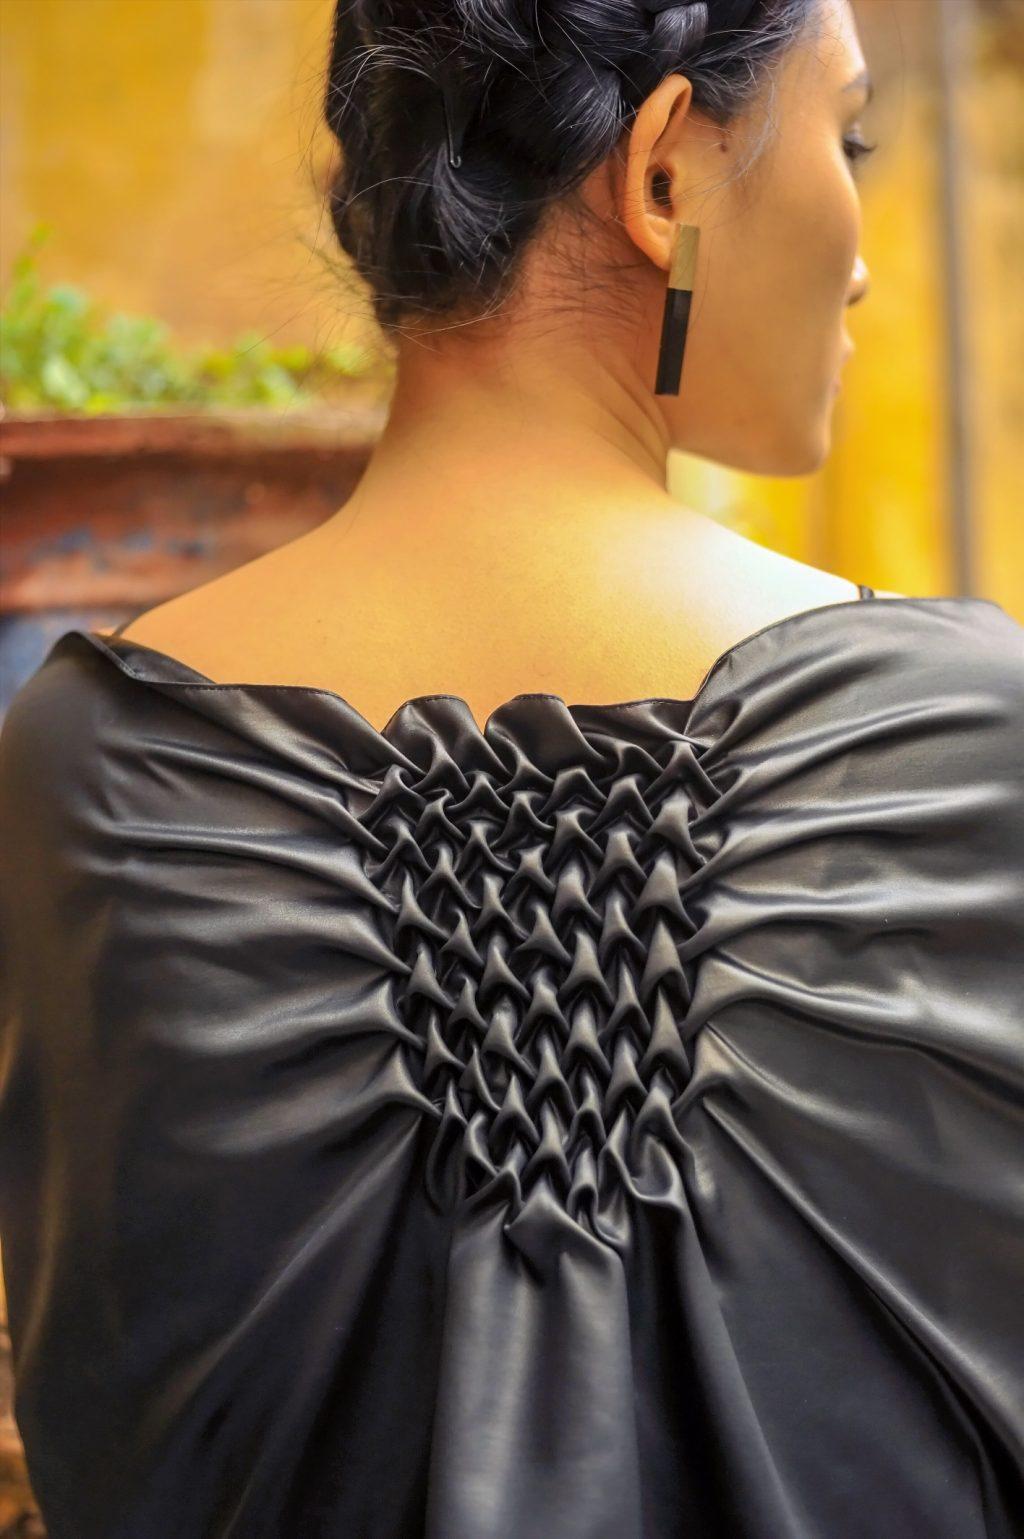 Những dải tết smocking ở cổ, sau lưng hoặc bên sườn đặc sắc.